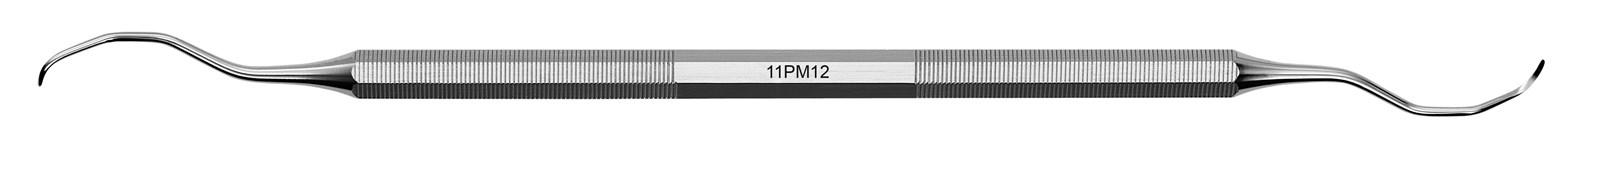 Kyreta Gracey Mini - 11PM12, ADEP žlutý